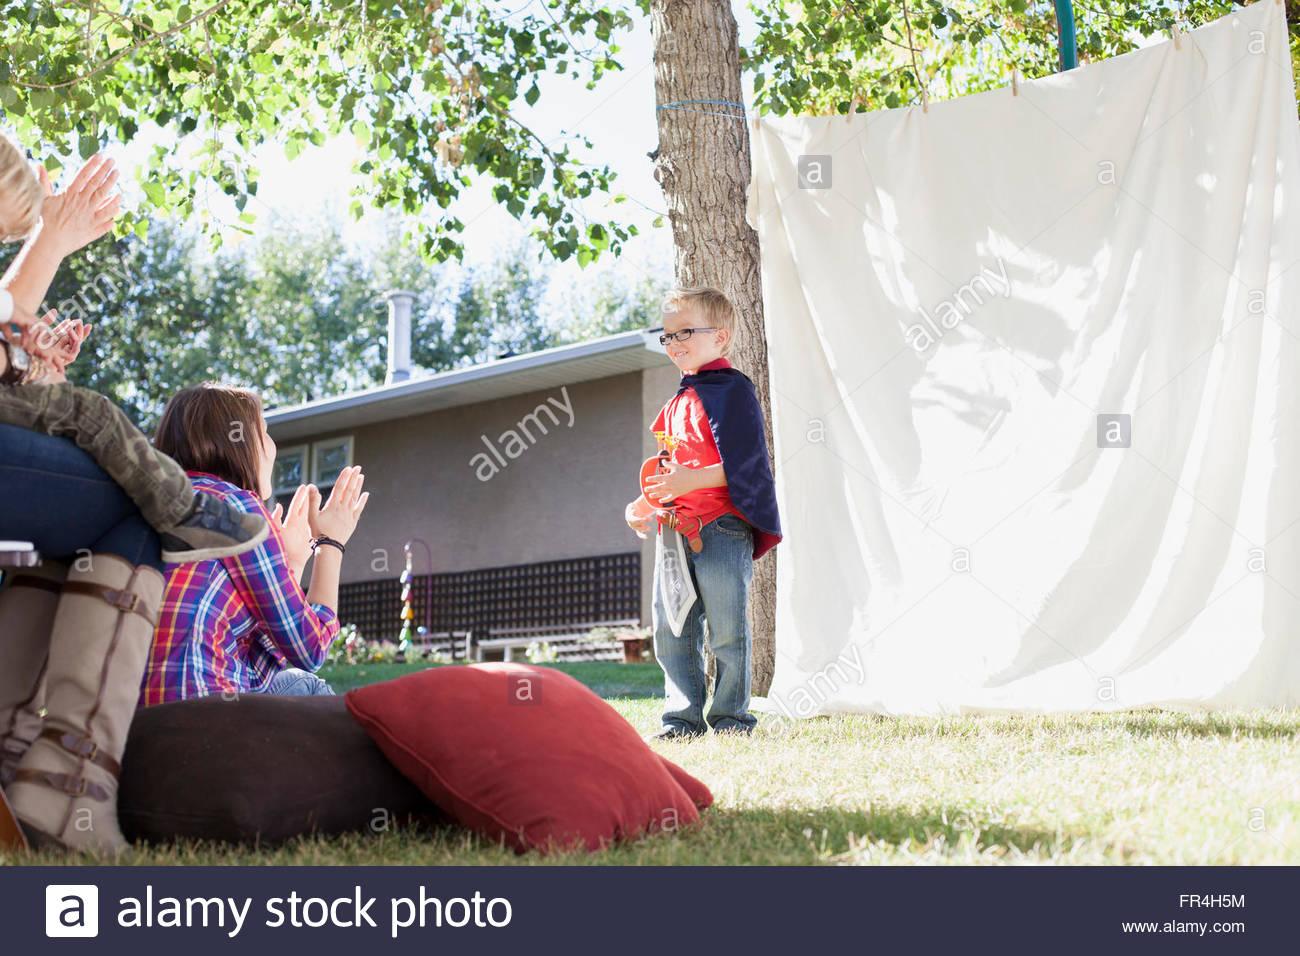 Ragazzo giovane eseguendo un gioco per la famiglia. Immagini Stock